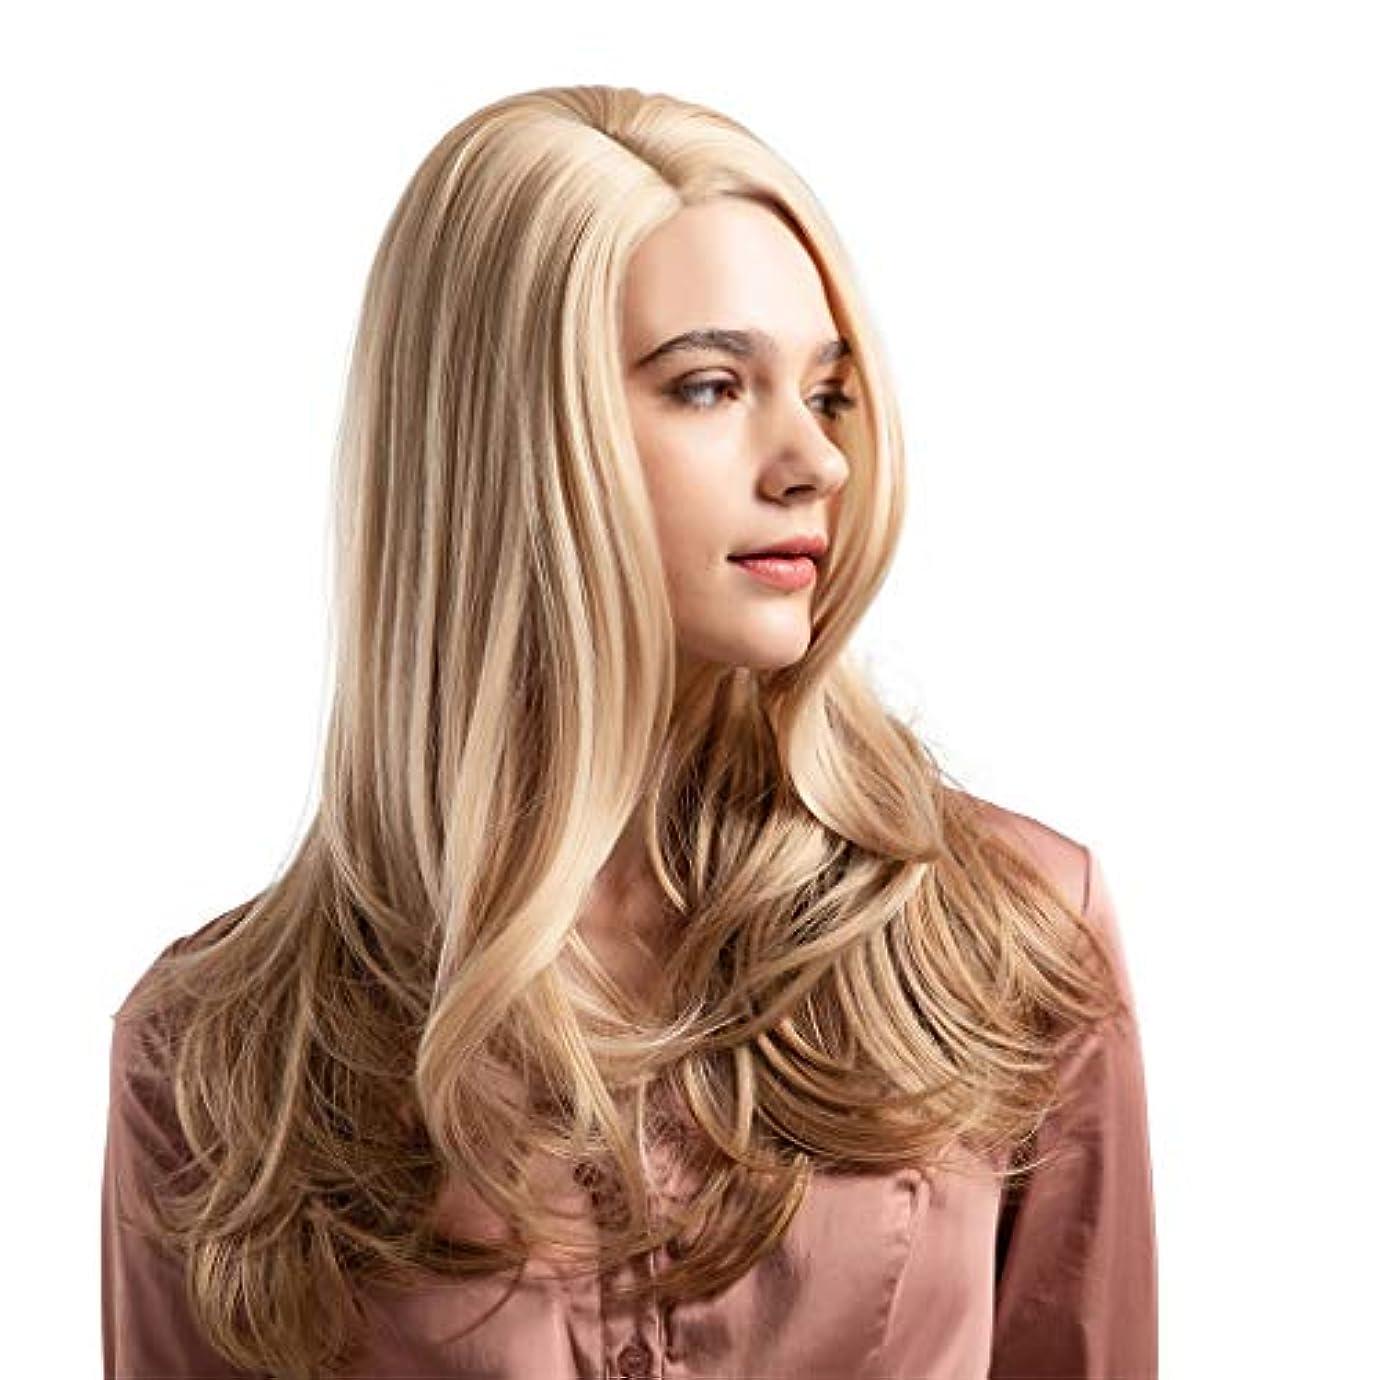 ウィッグ女性黄金の大きな波状の巻き毛の高温シルクウィッグ22インチ